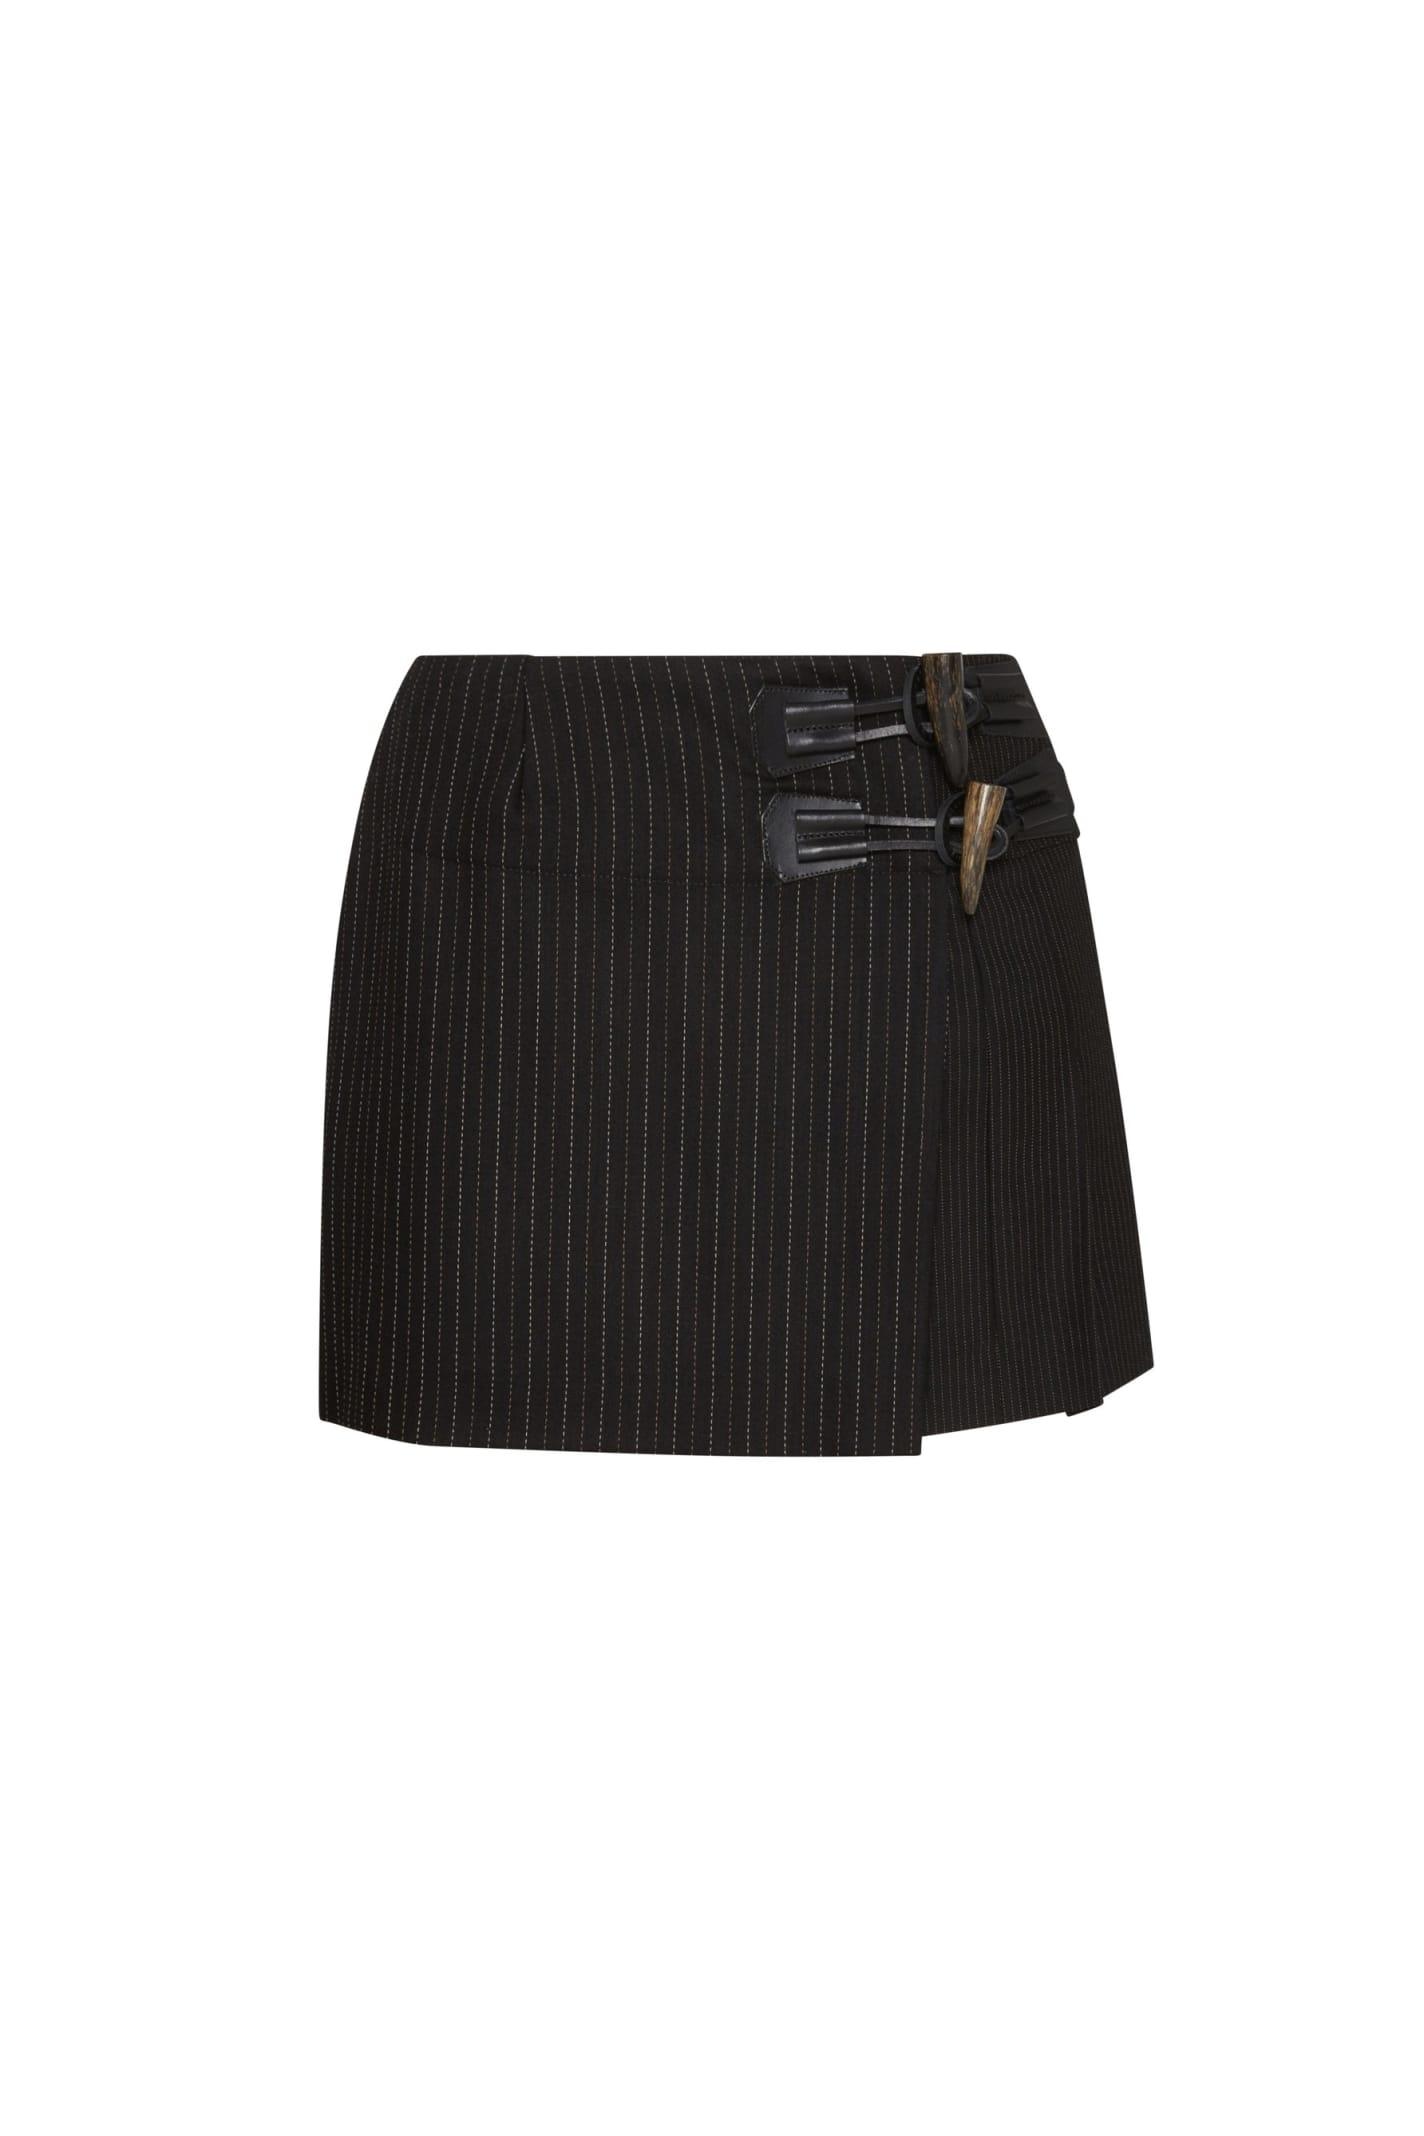 Dundee Skirt In Black Gessato